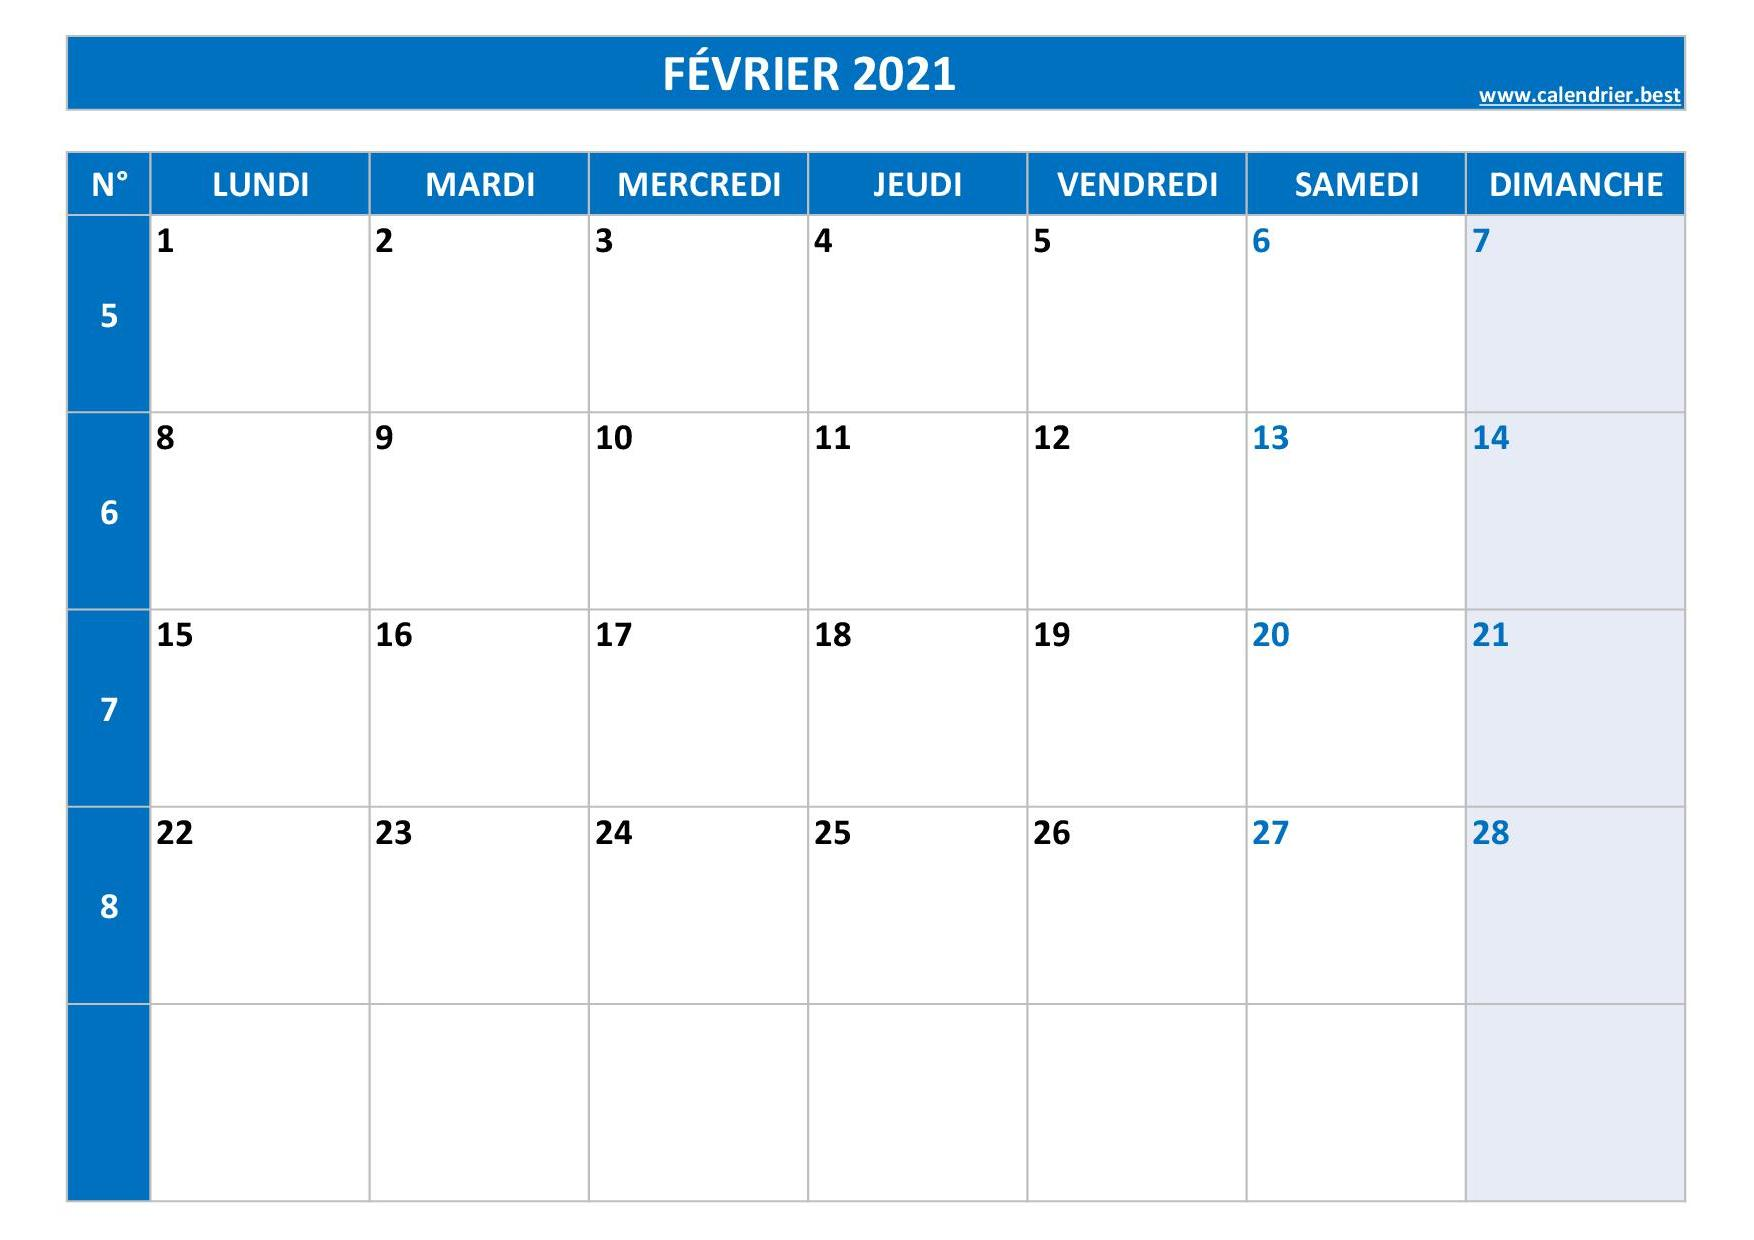 Calendrier Février 2021 Avec Vacances Scolaires Calendrier Février 2021 à consulter ou imprimer  Calendrier.best